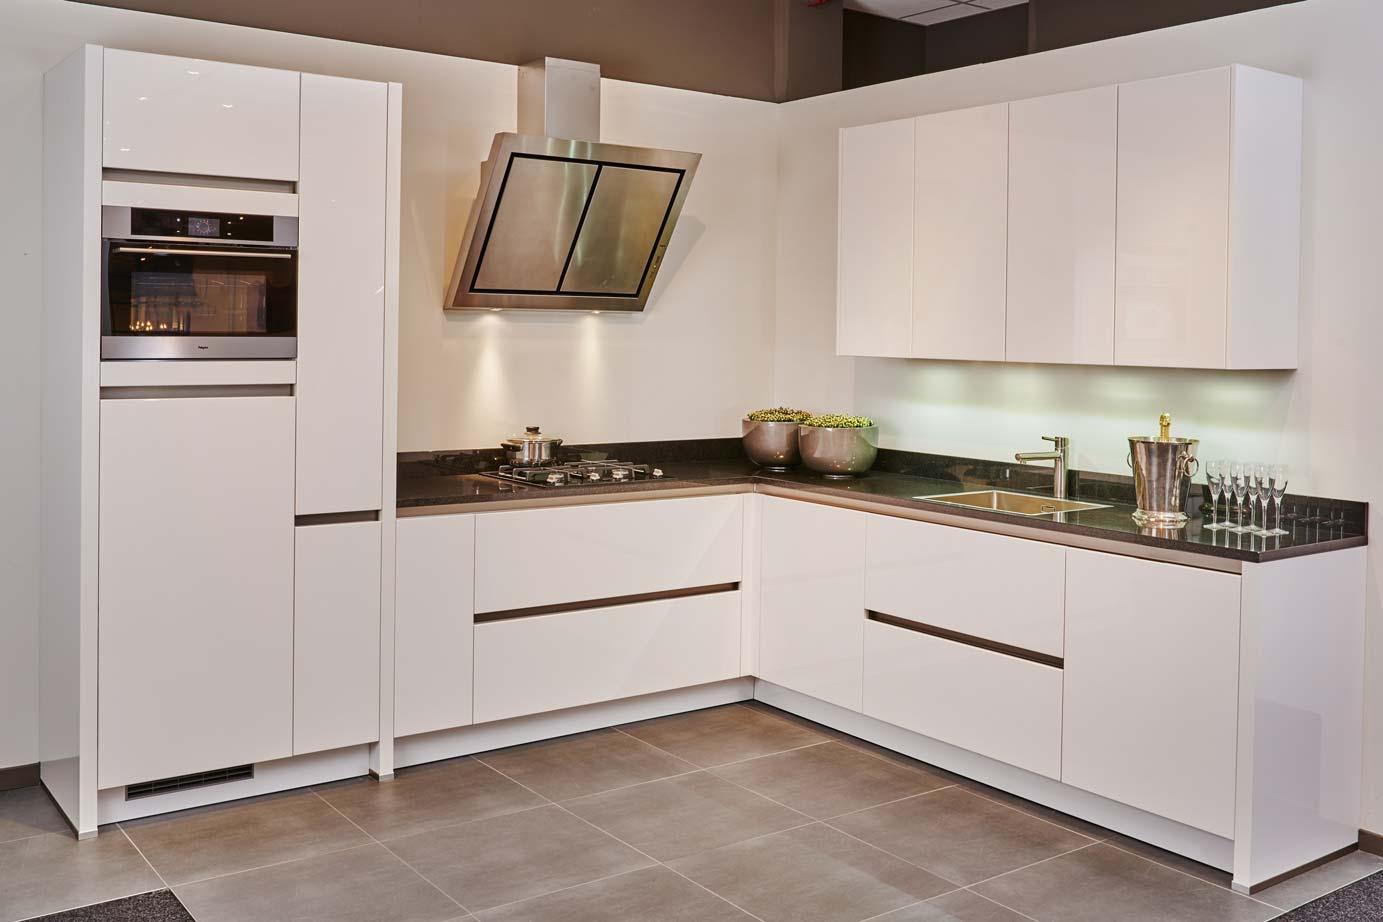 Witte badkamer opfleuren sydati afvoer douche uithakken laatste badkamer design sydati kleine - Kleine witte keuken ...